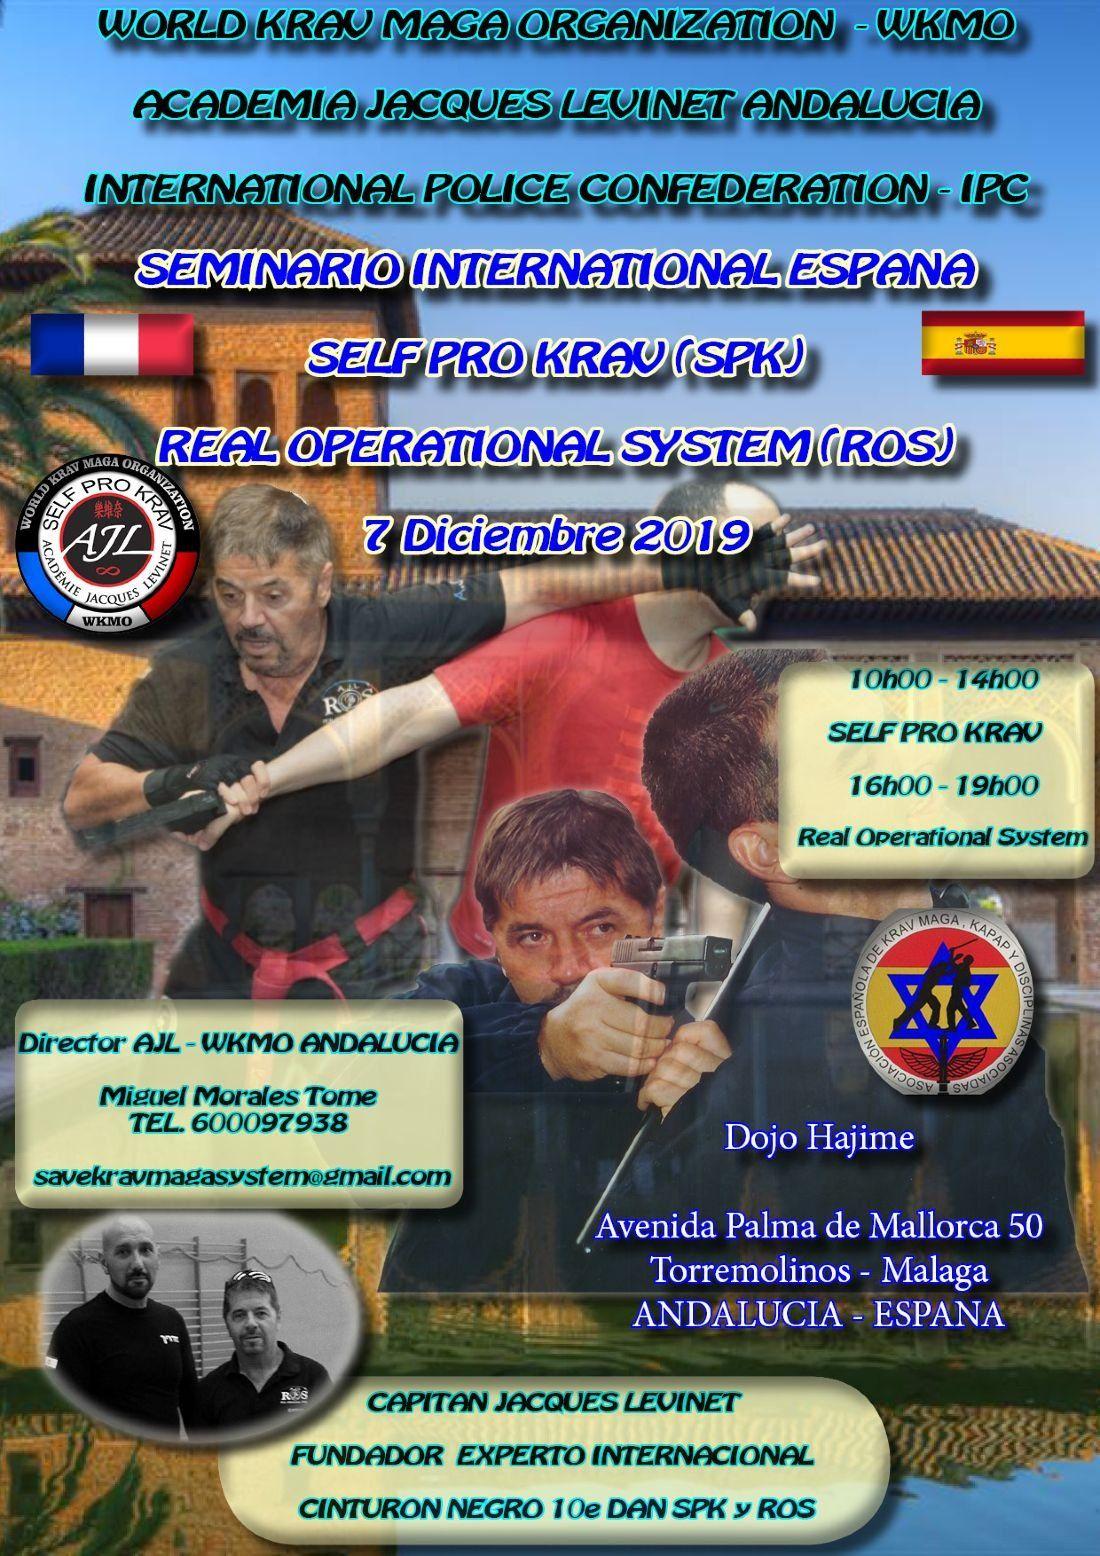 SEMINARIO INTERNACIONAL KRAVMAGA SPK EN MALAGA (ESPANA)